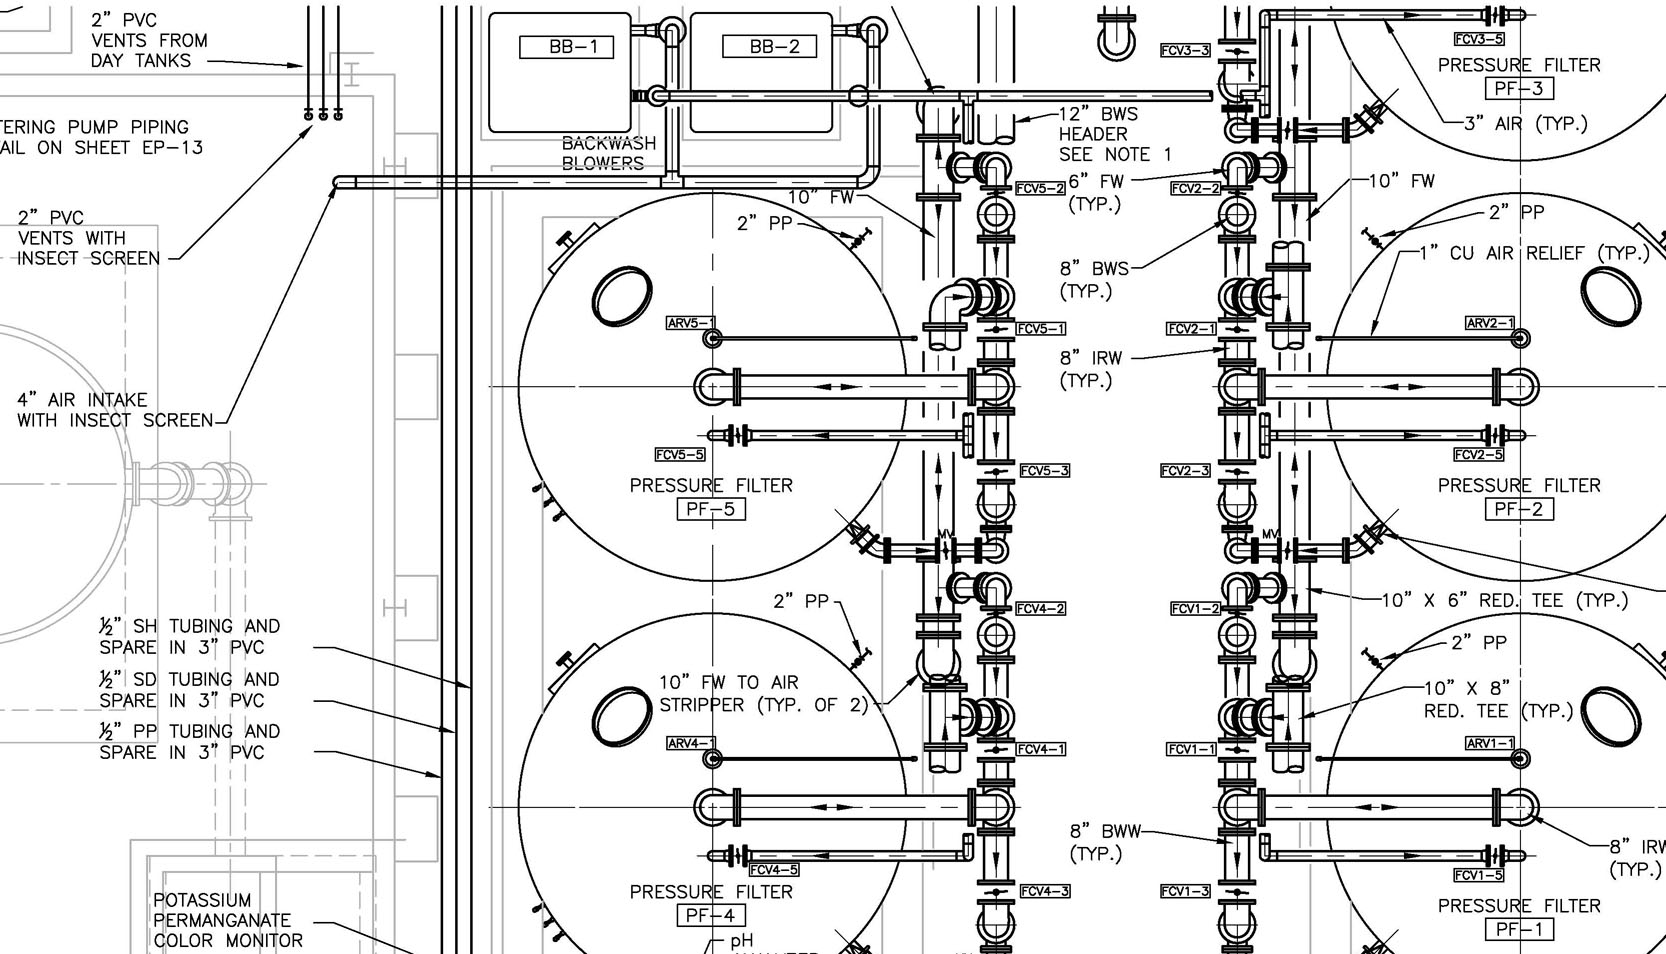 plan piping diagram [ 1666 x 954 Pixel ]